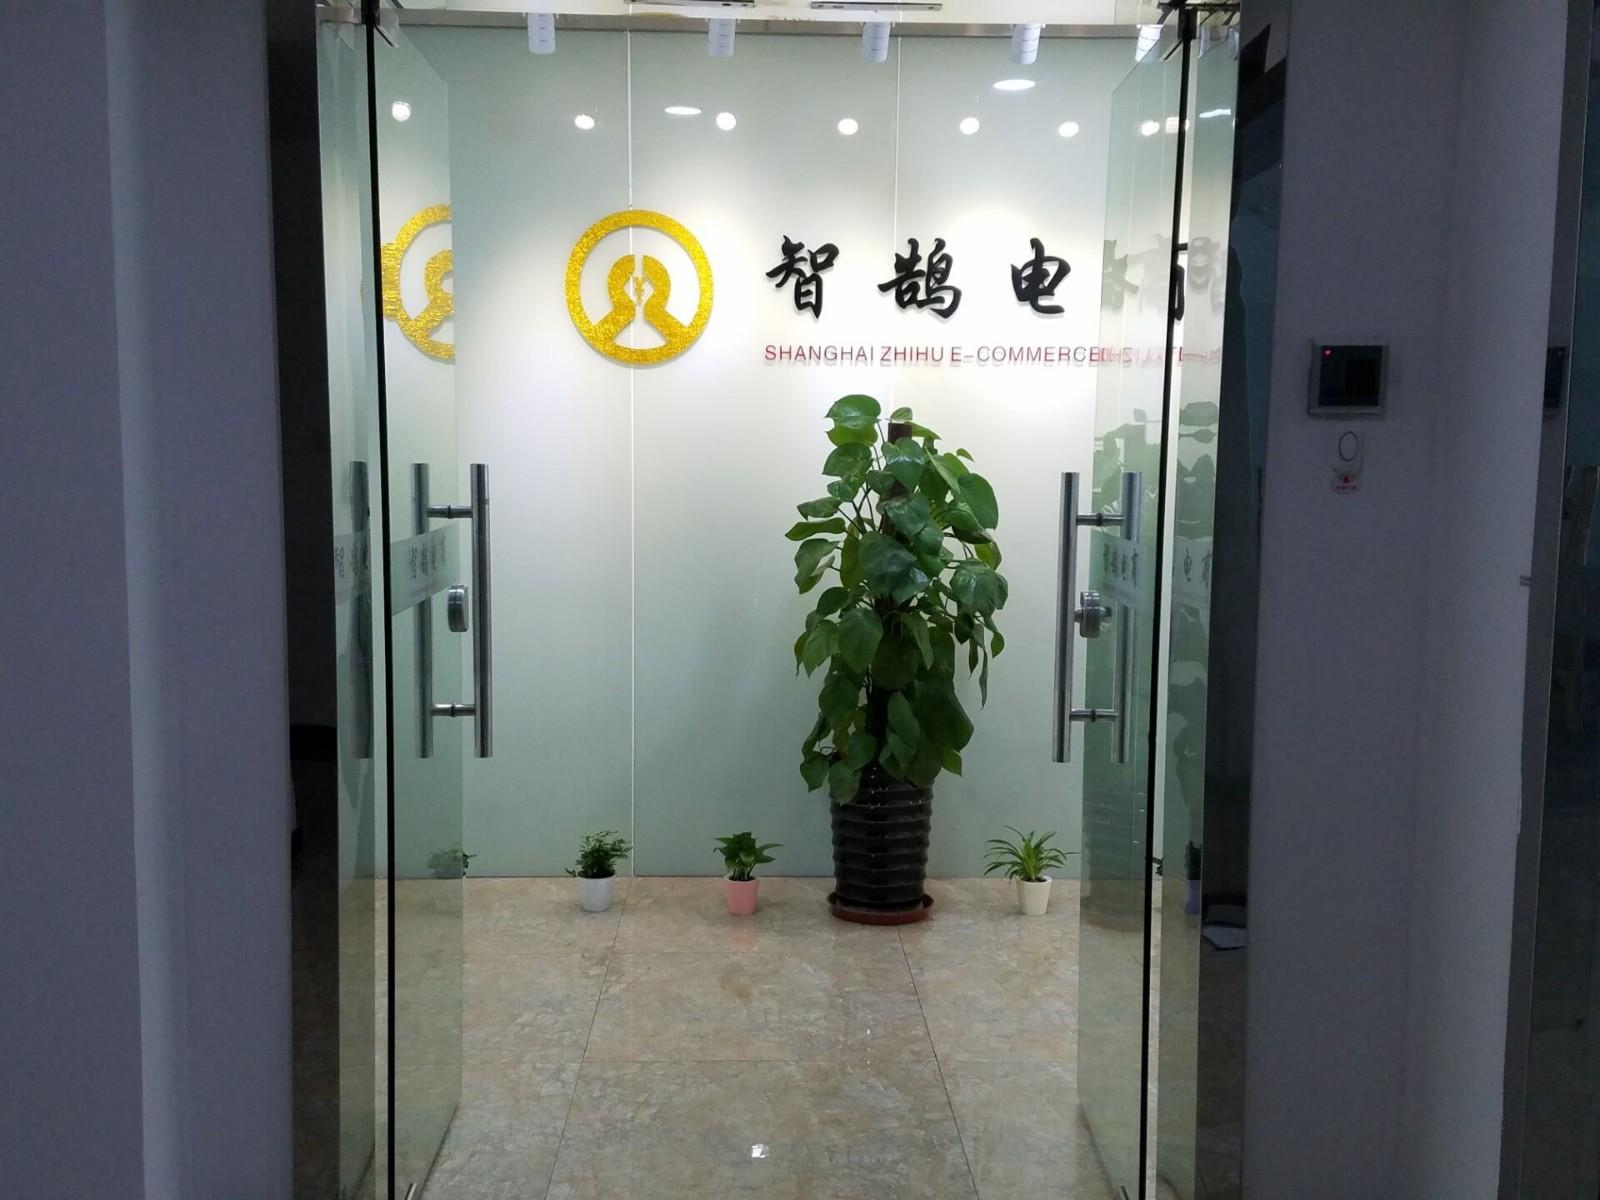 上海智鹄电子商务有限公司